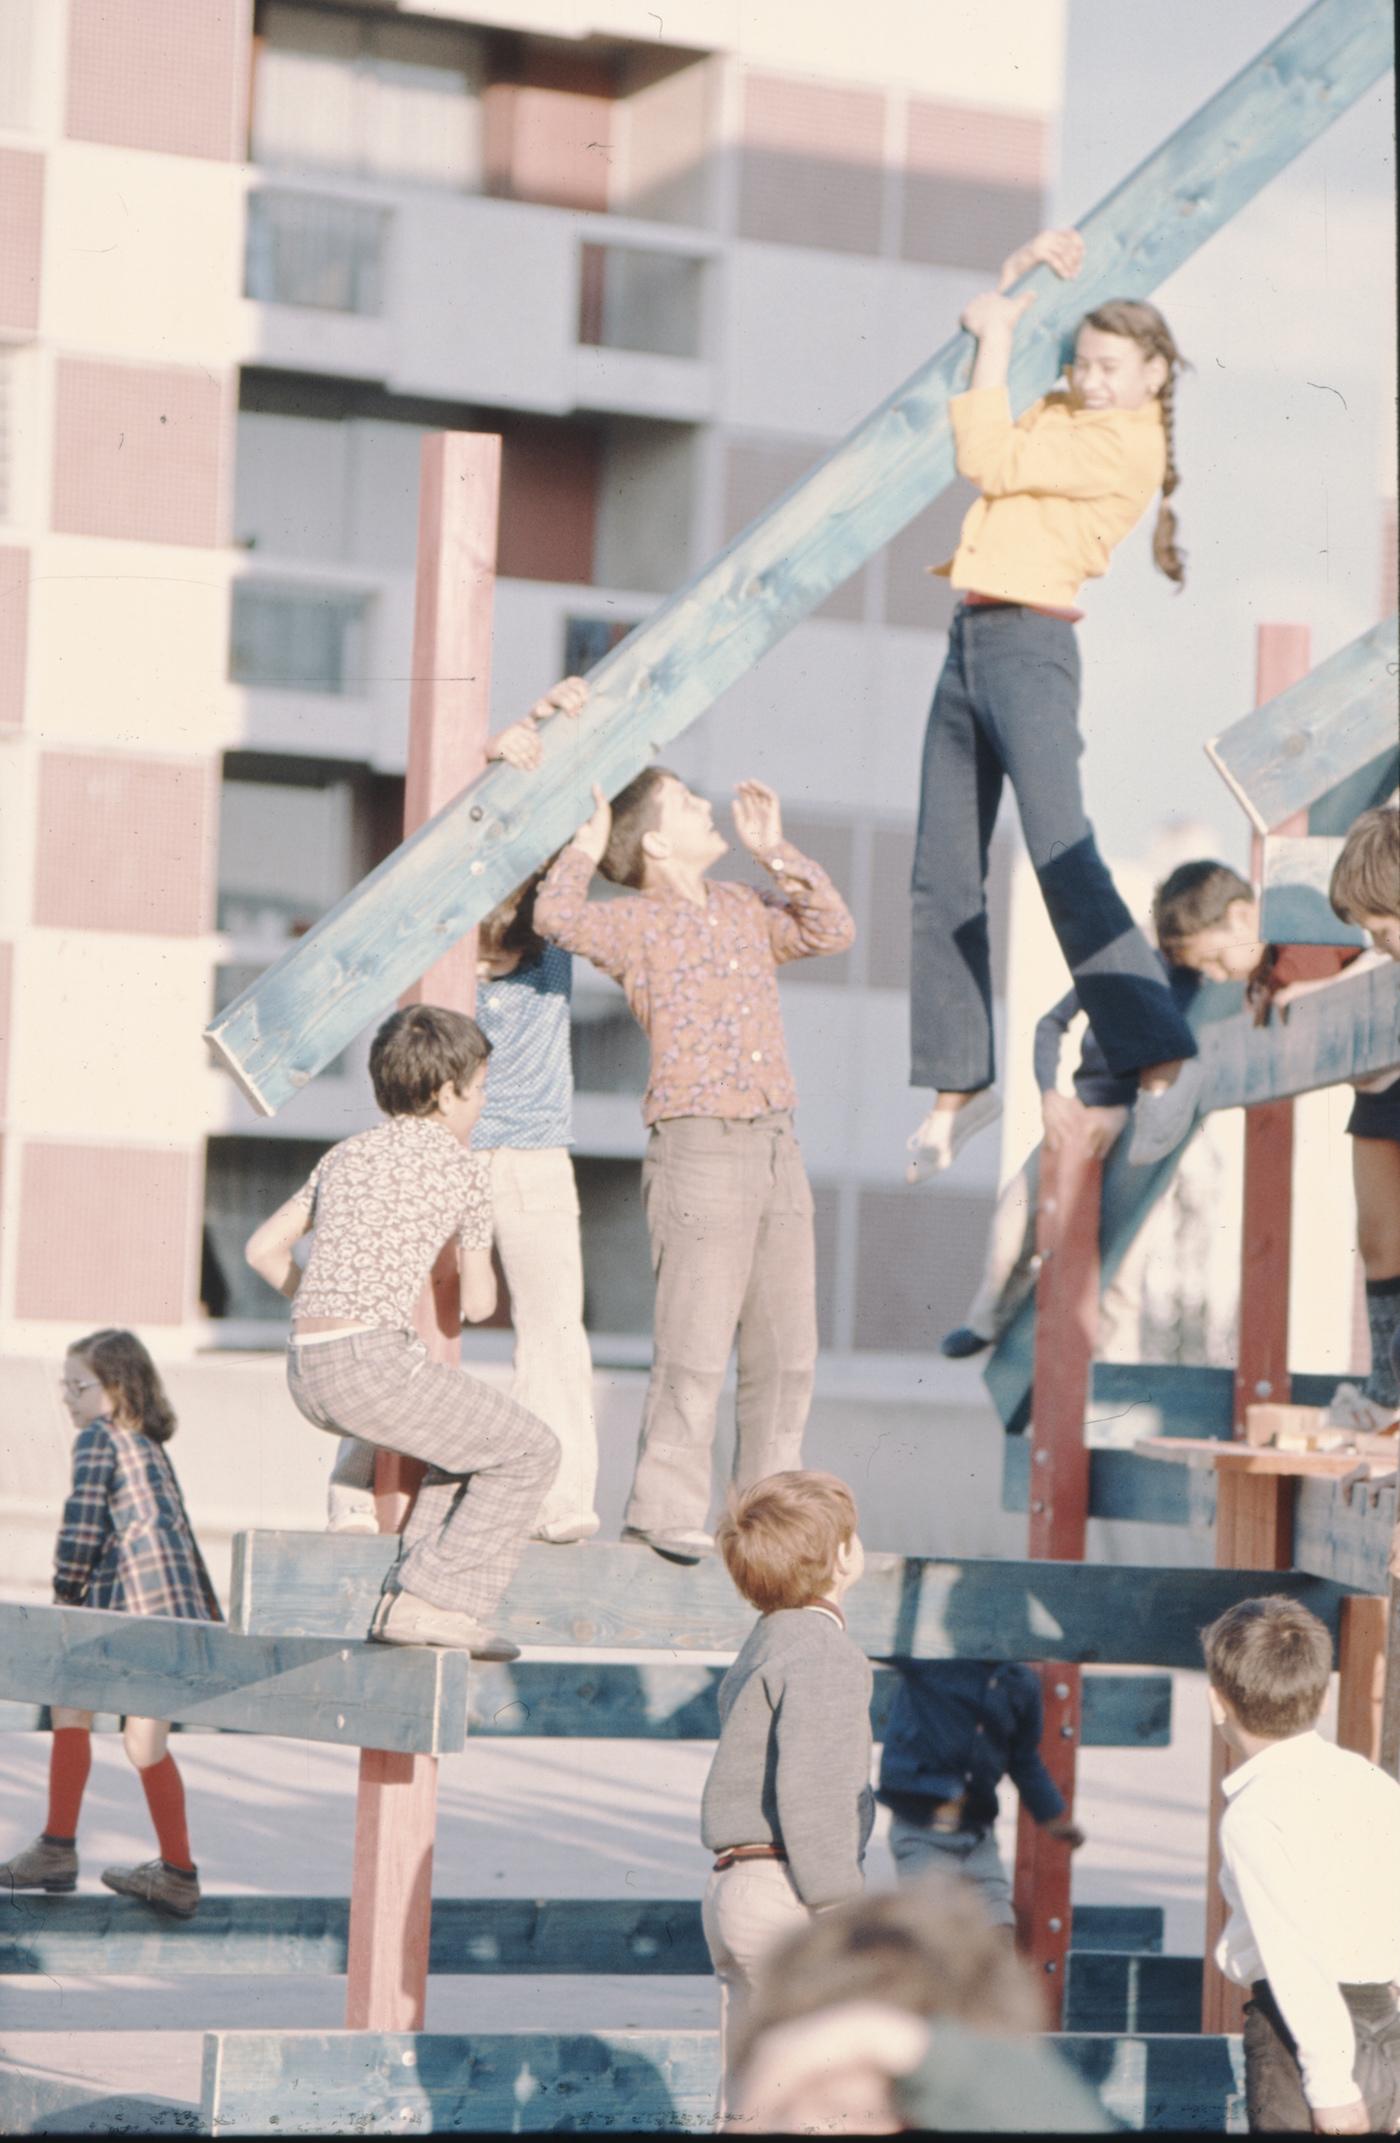 Group Ludic, Workshop, Foyer Réimois, Reims, France (1973) (courtesy of Xavier de la Salle)